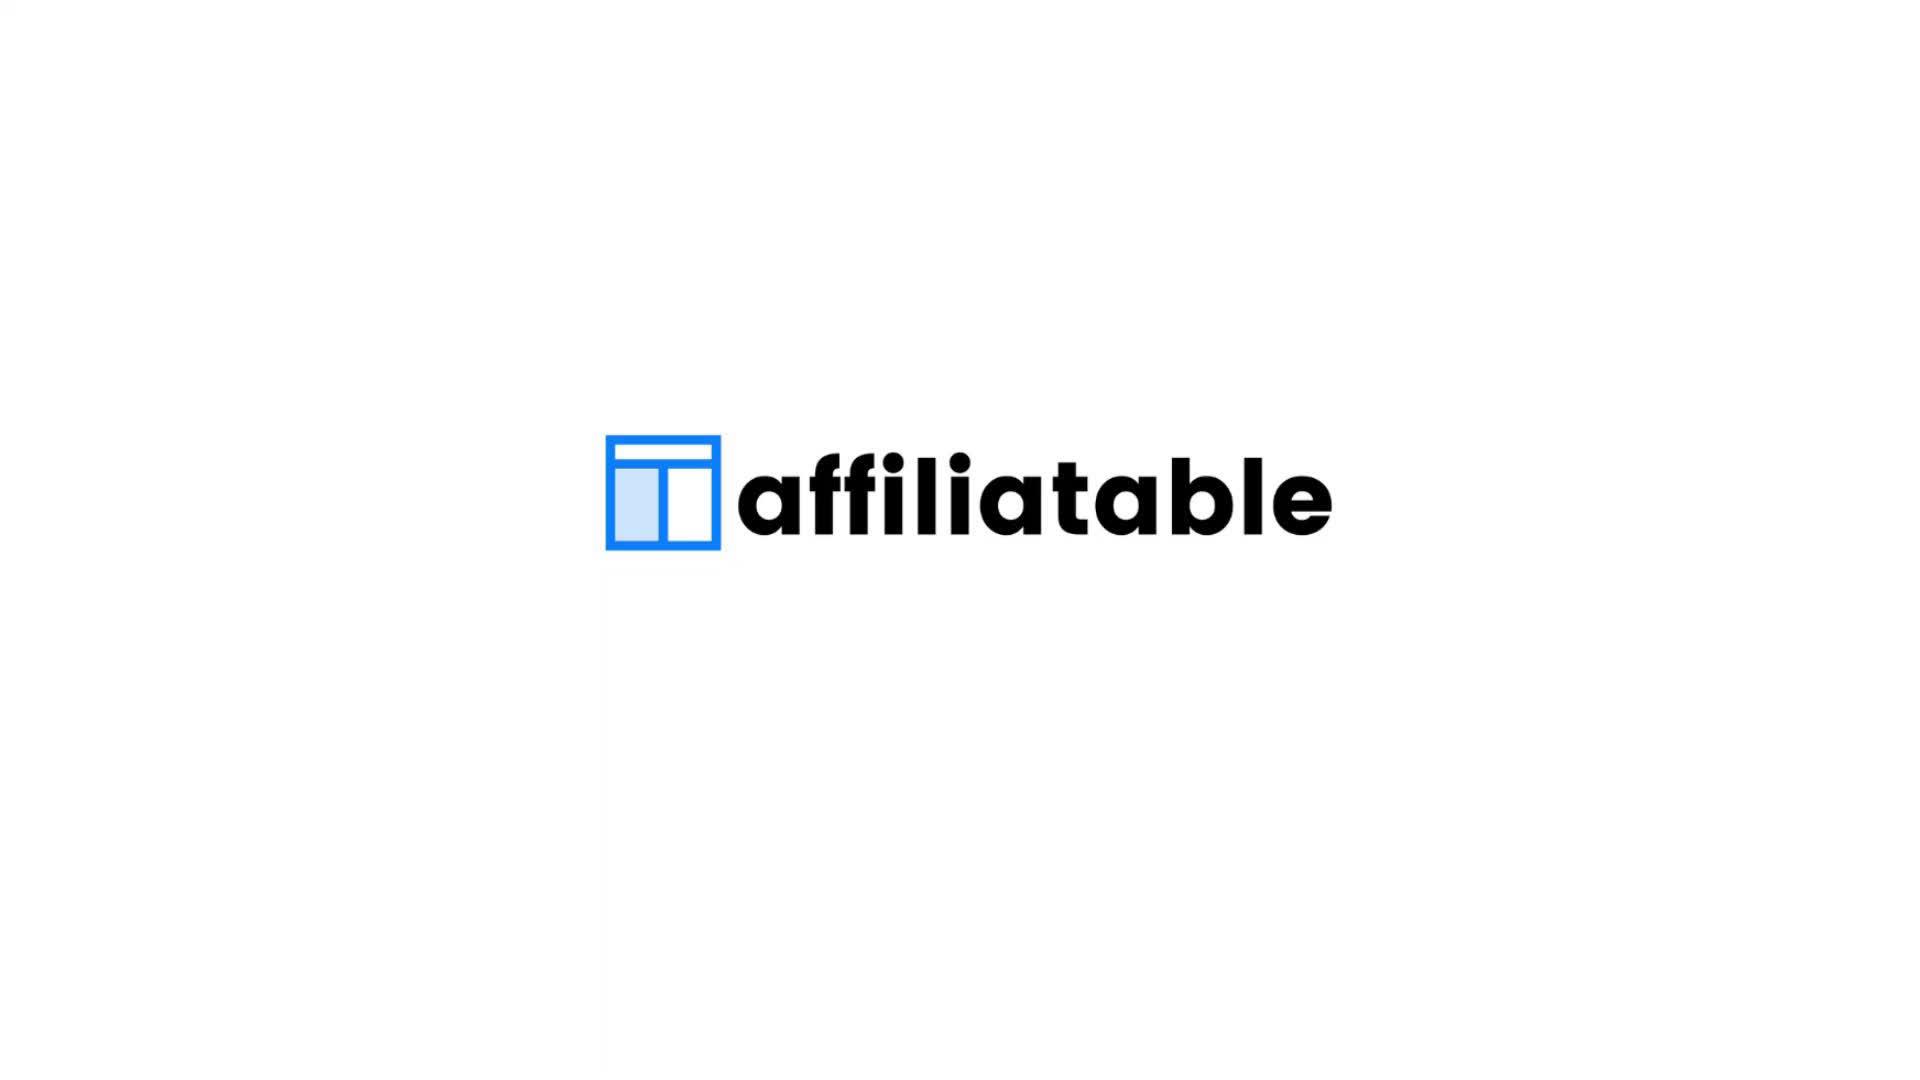 Affiliatable-Tutorial